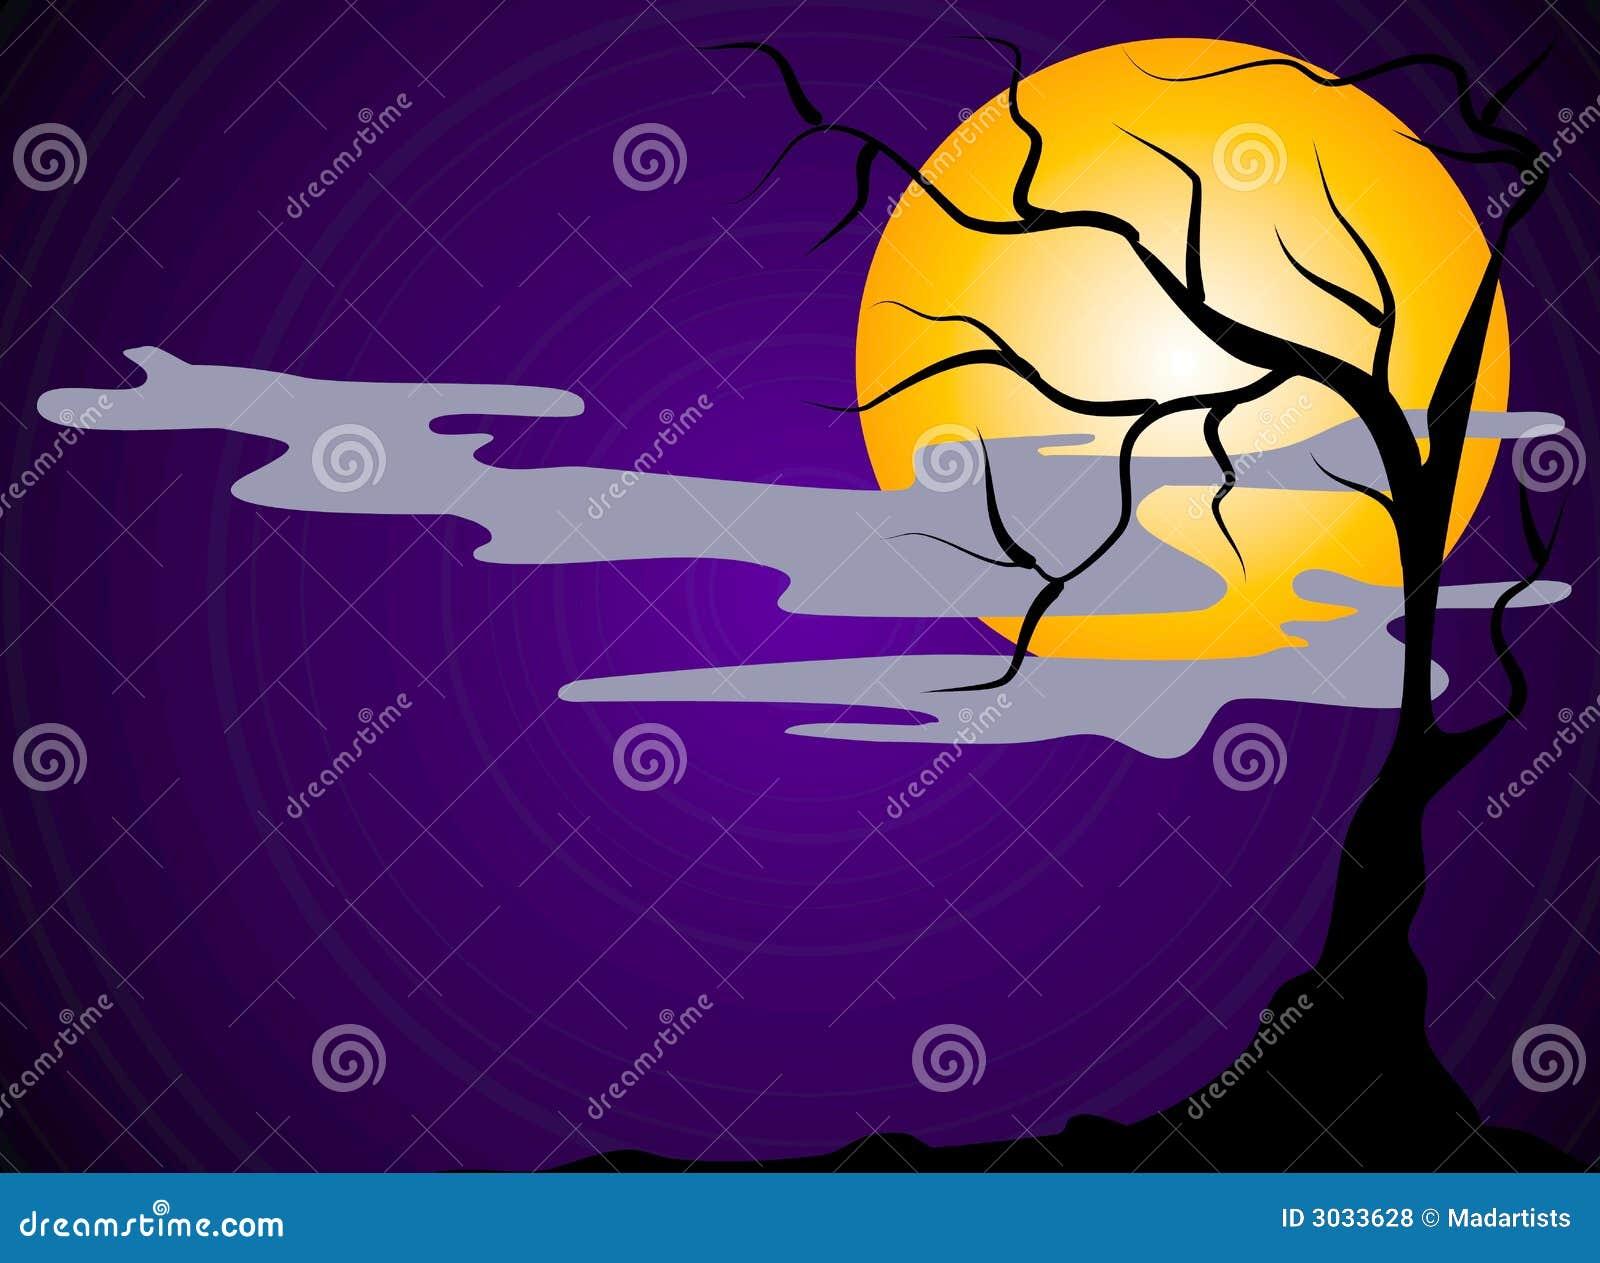 Scary Halloween Night Scene Stock Illustration ...